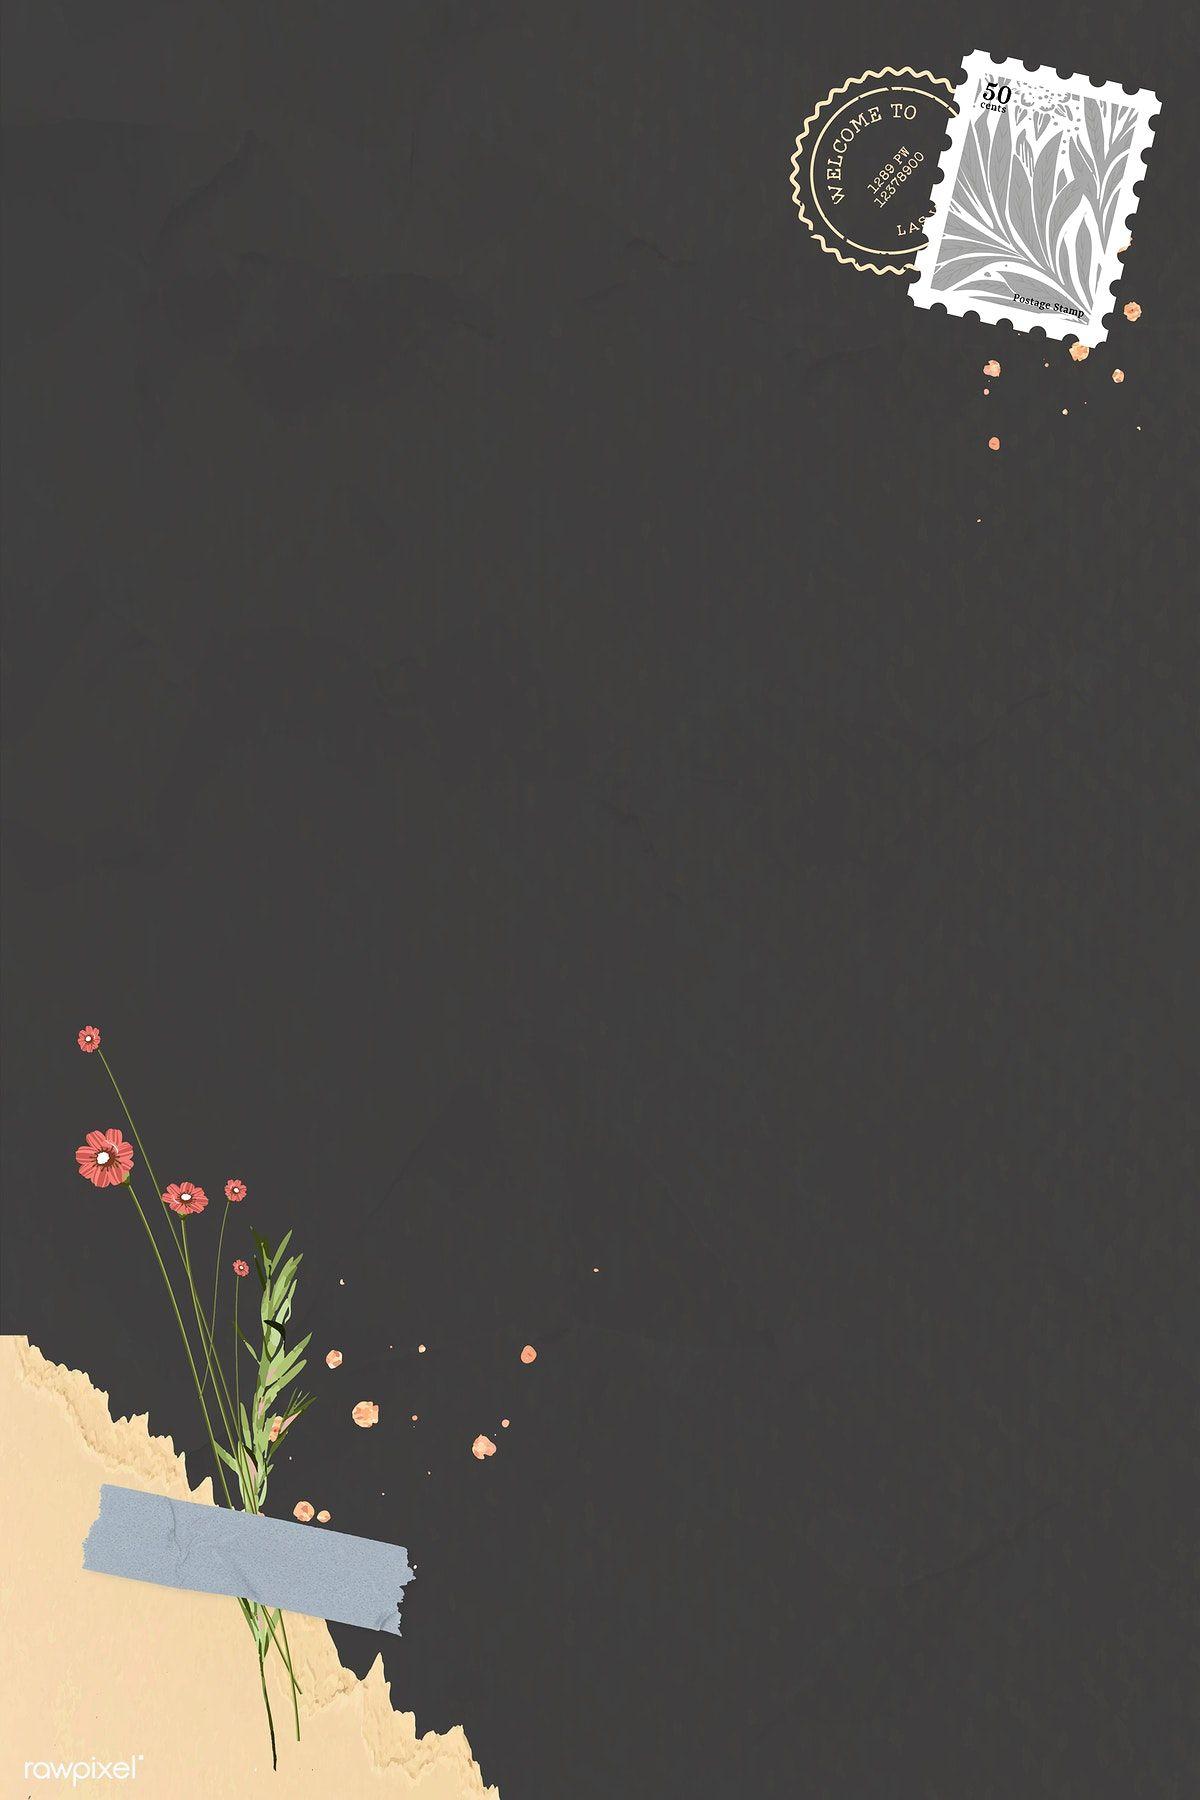 Download Premium Vector Of Red Flower On Dark Background